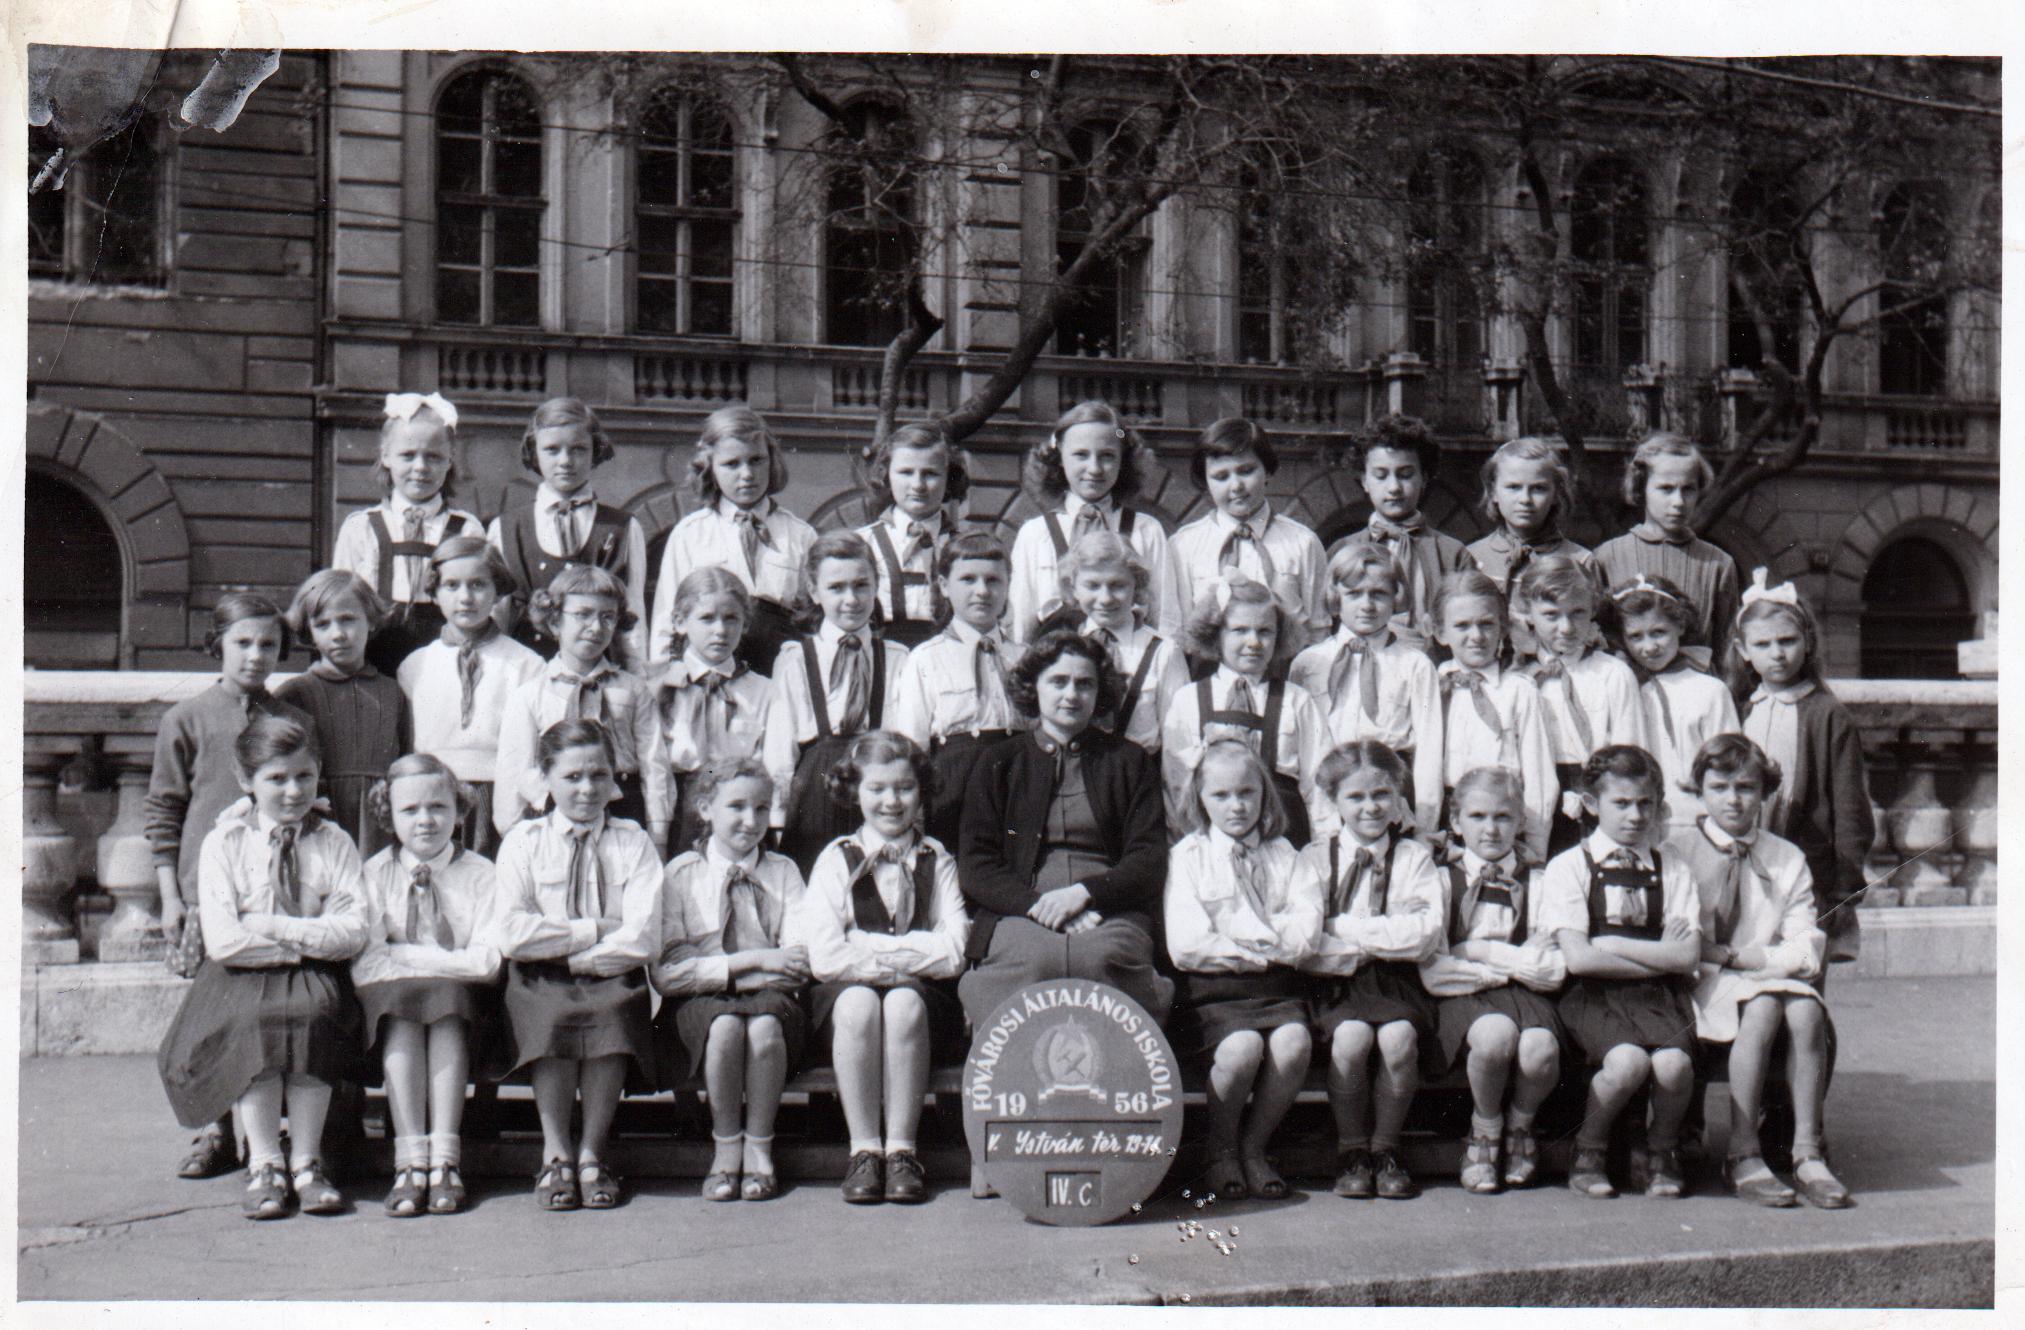 Káplán László, Kézai Simon Program-Osztálykép 1956-ból, lánytagozat, Budapest, Szent István tér